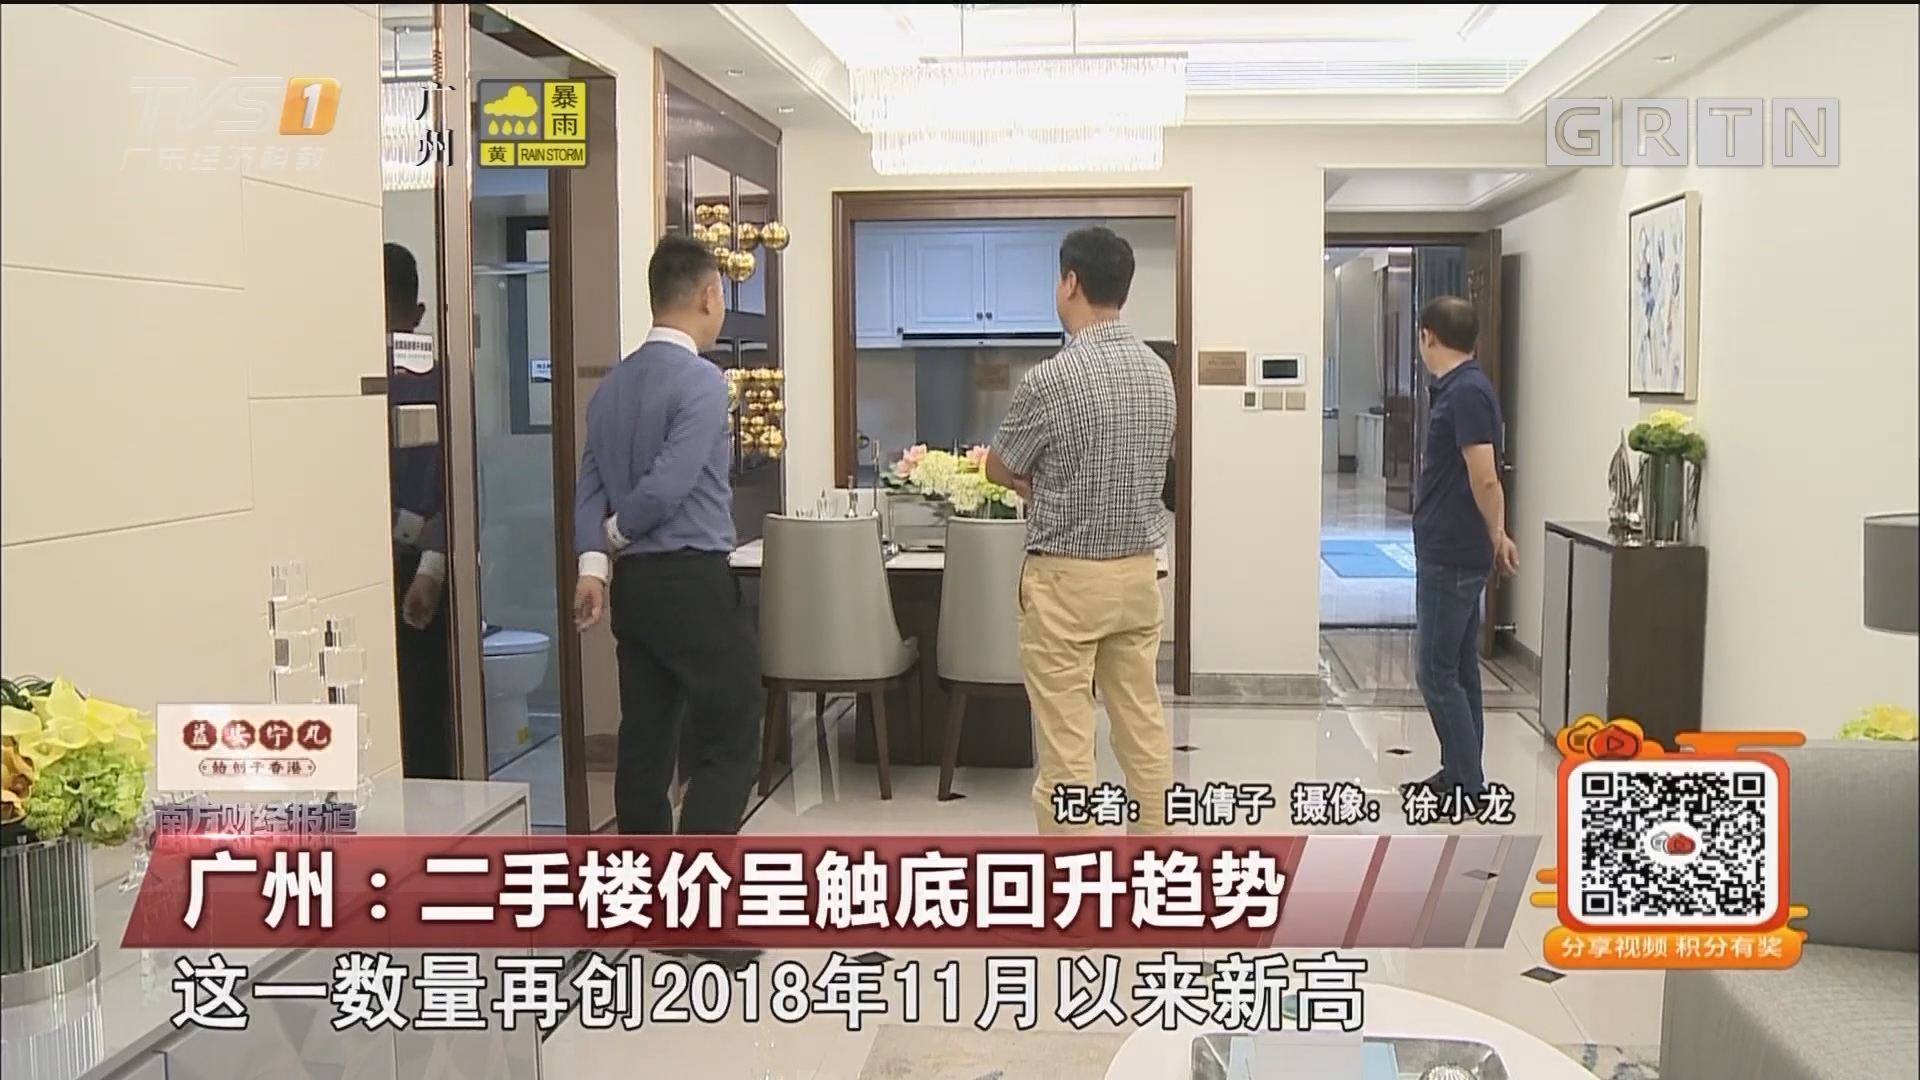 广州:二手楼价呈触底回升趋势